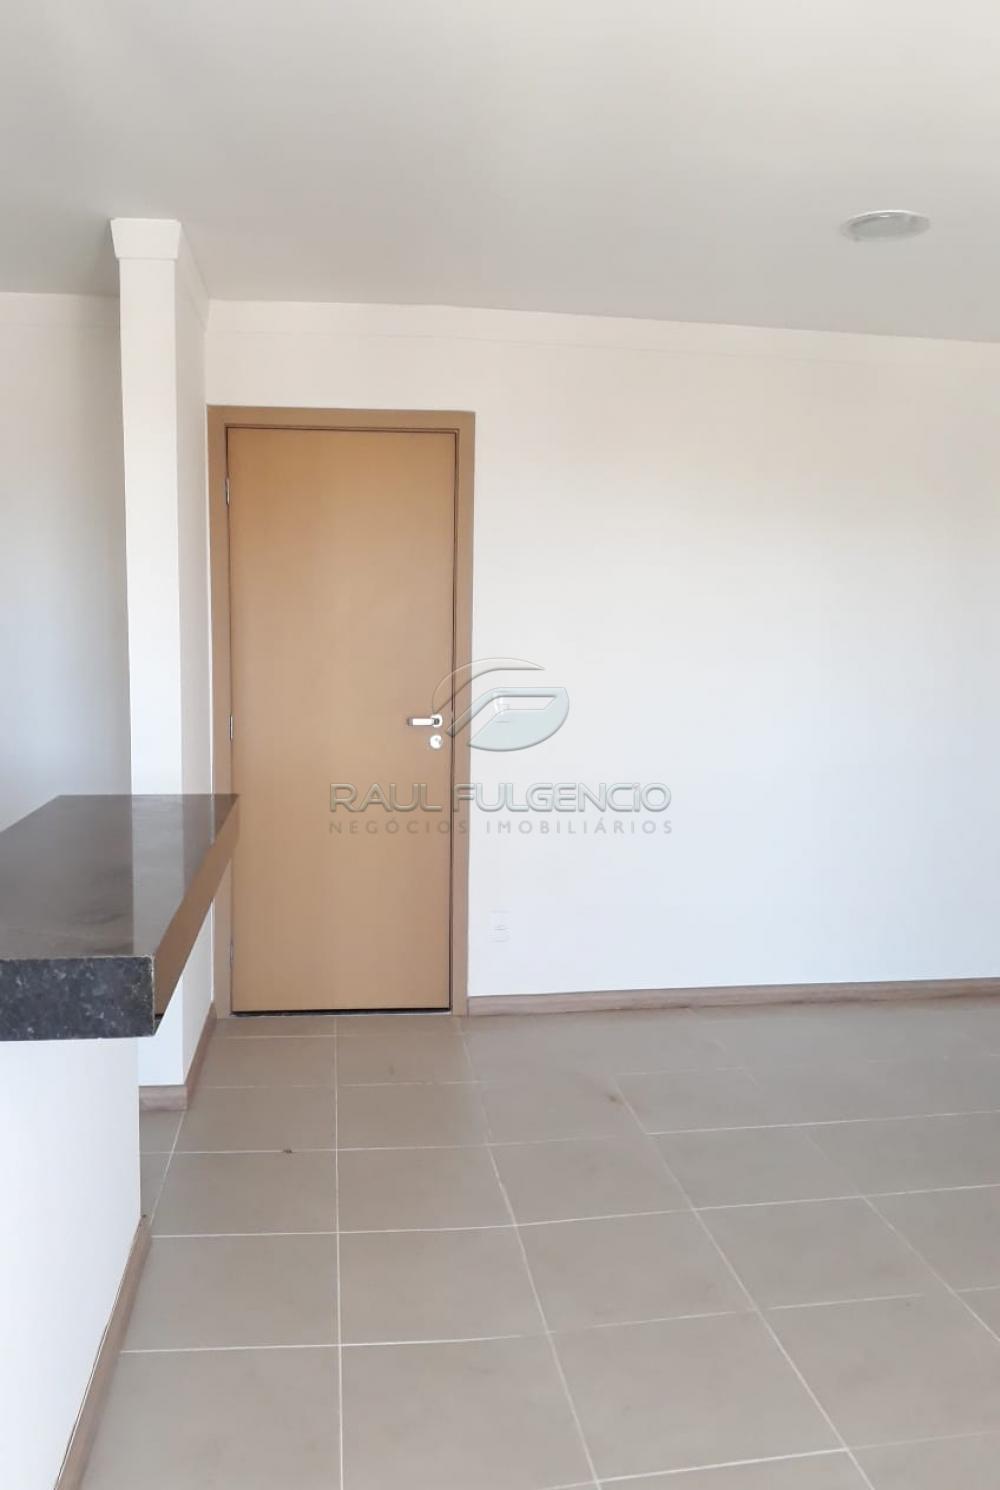 Comprar Apartamento / Padrão em Londrina apenas R$ 342.000,00 - Foto 4